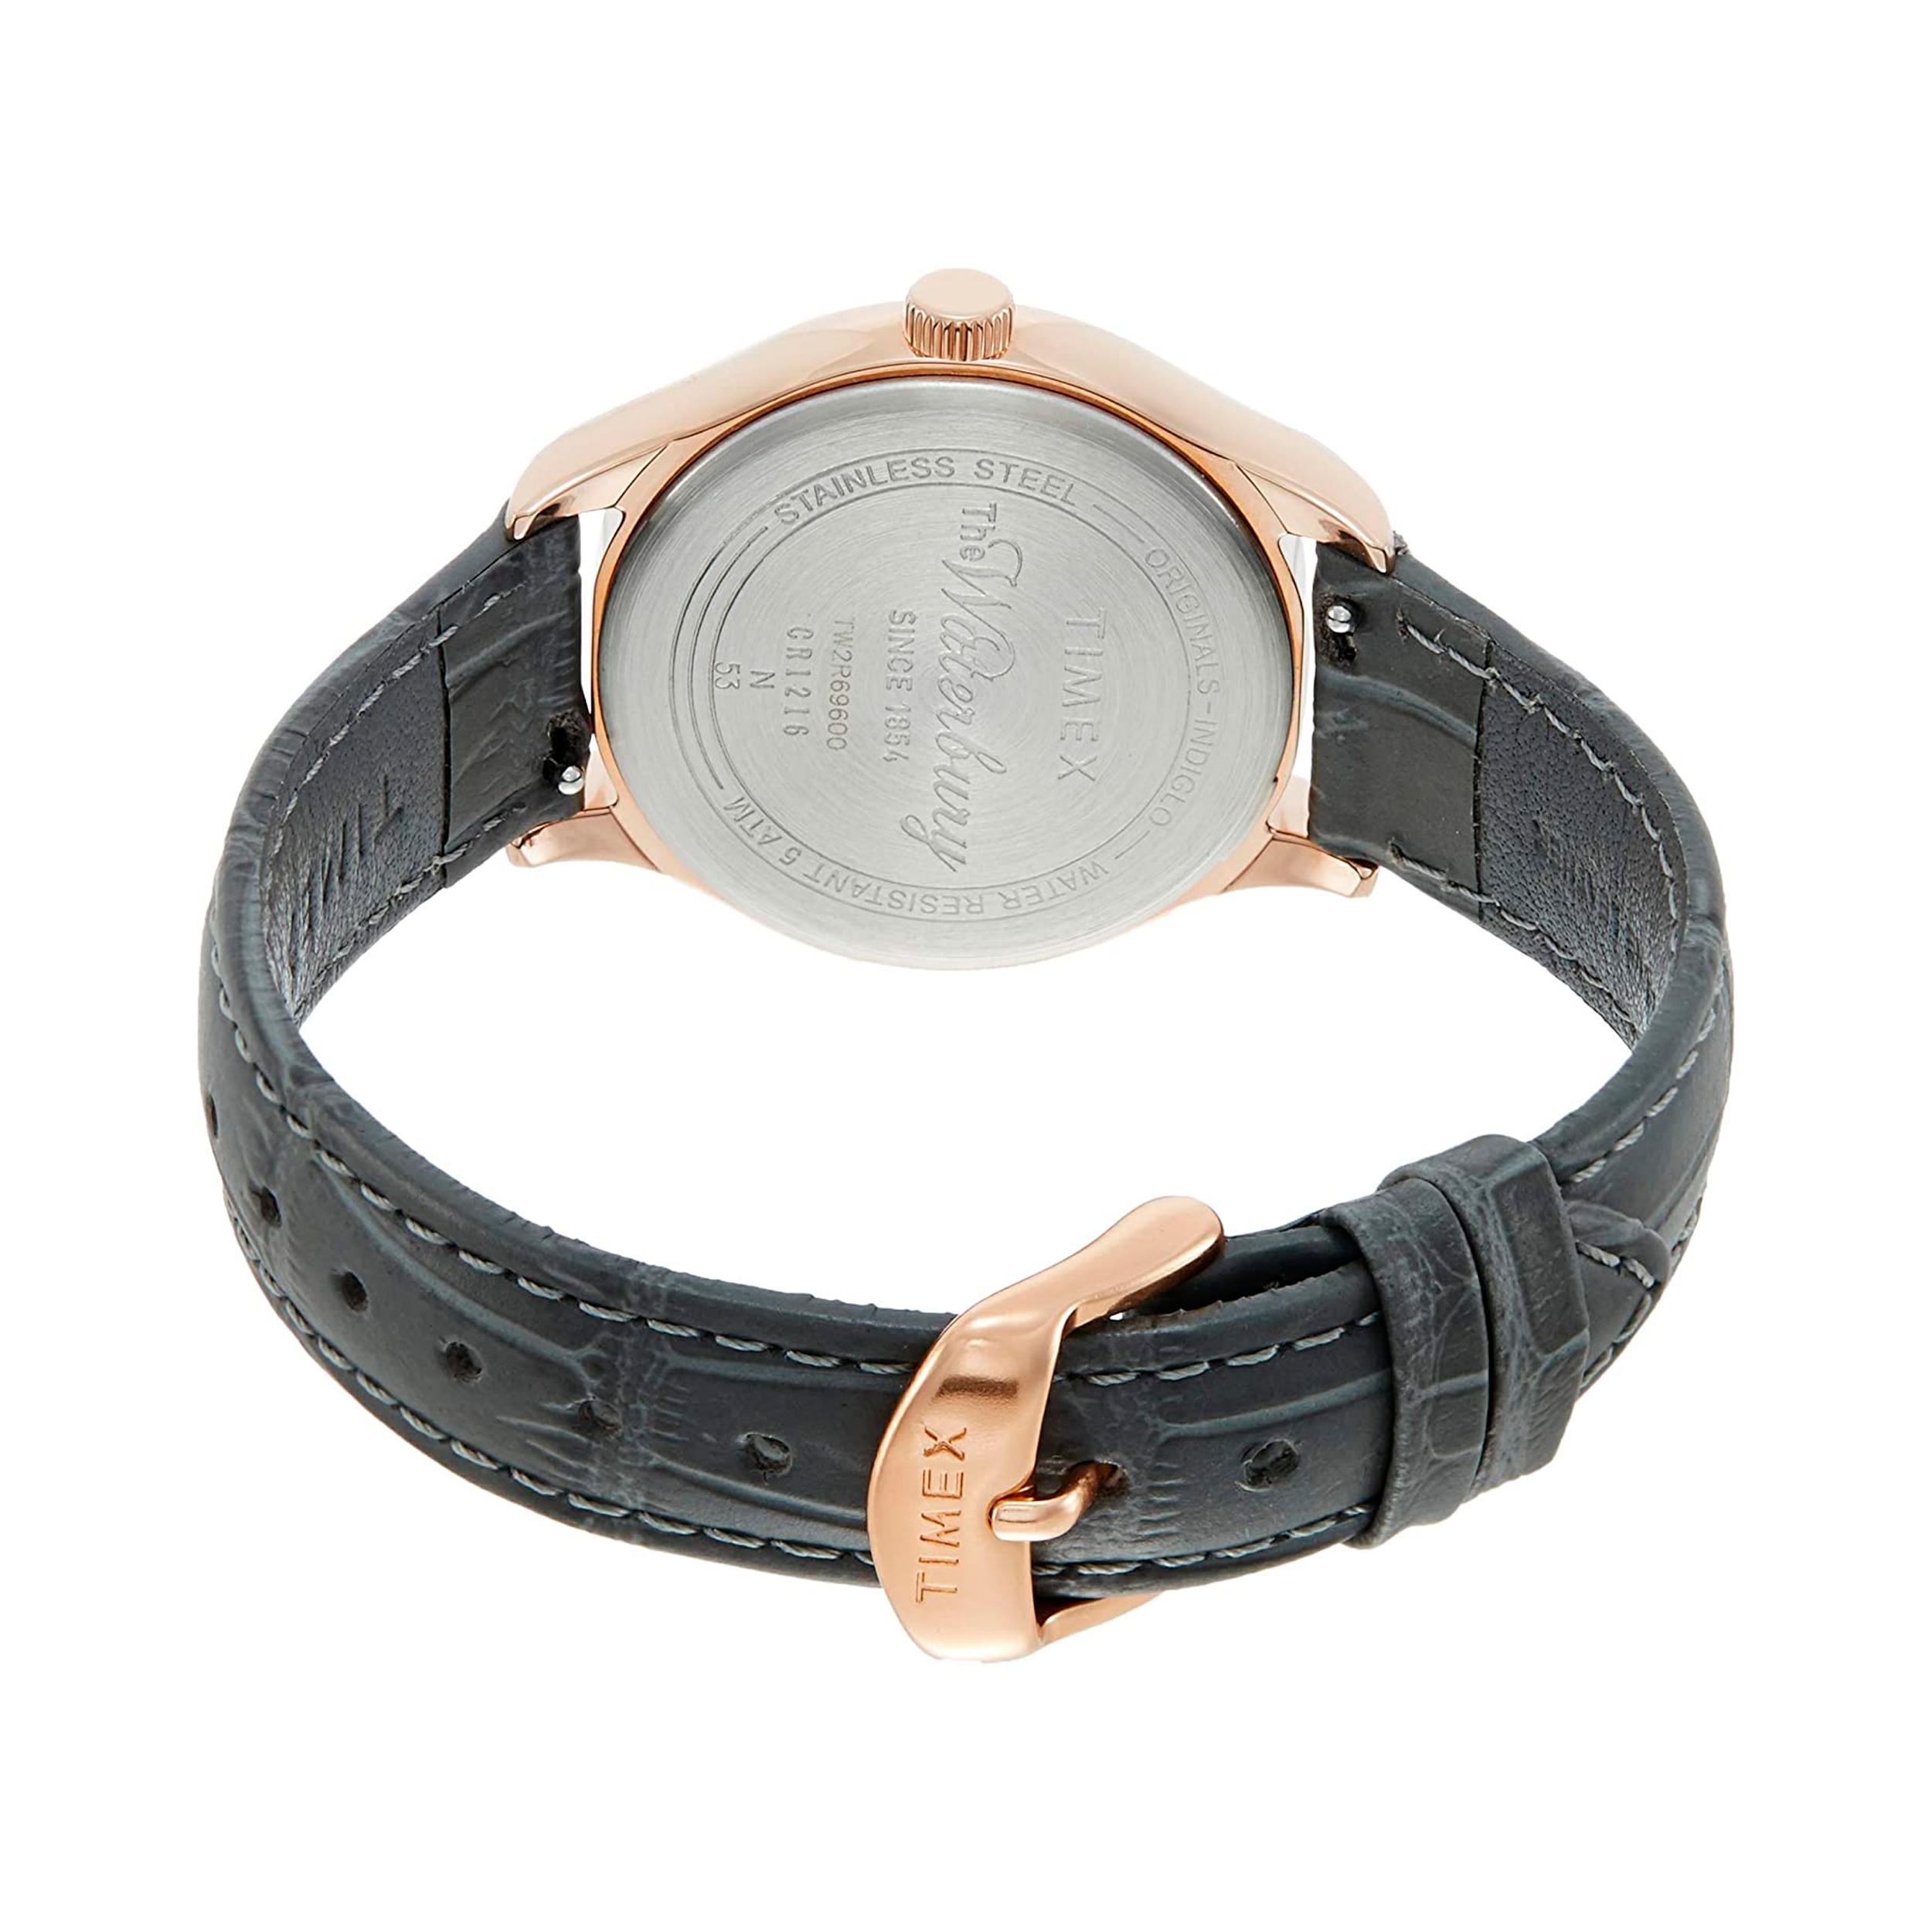 ساعت مچی عقربه ای زنانه تایمکس مدل TW2R69600 -  - 3